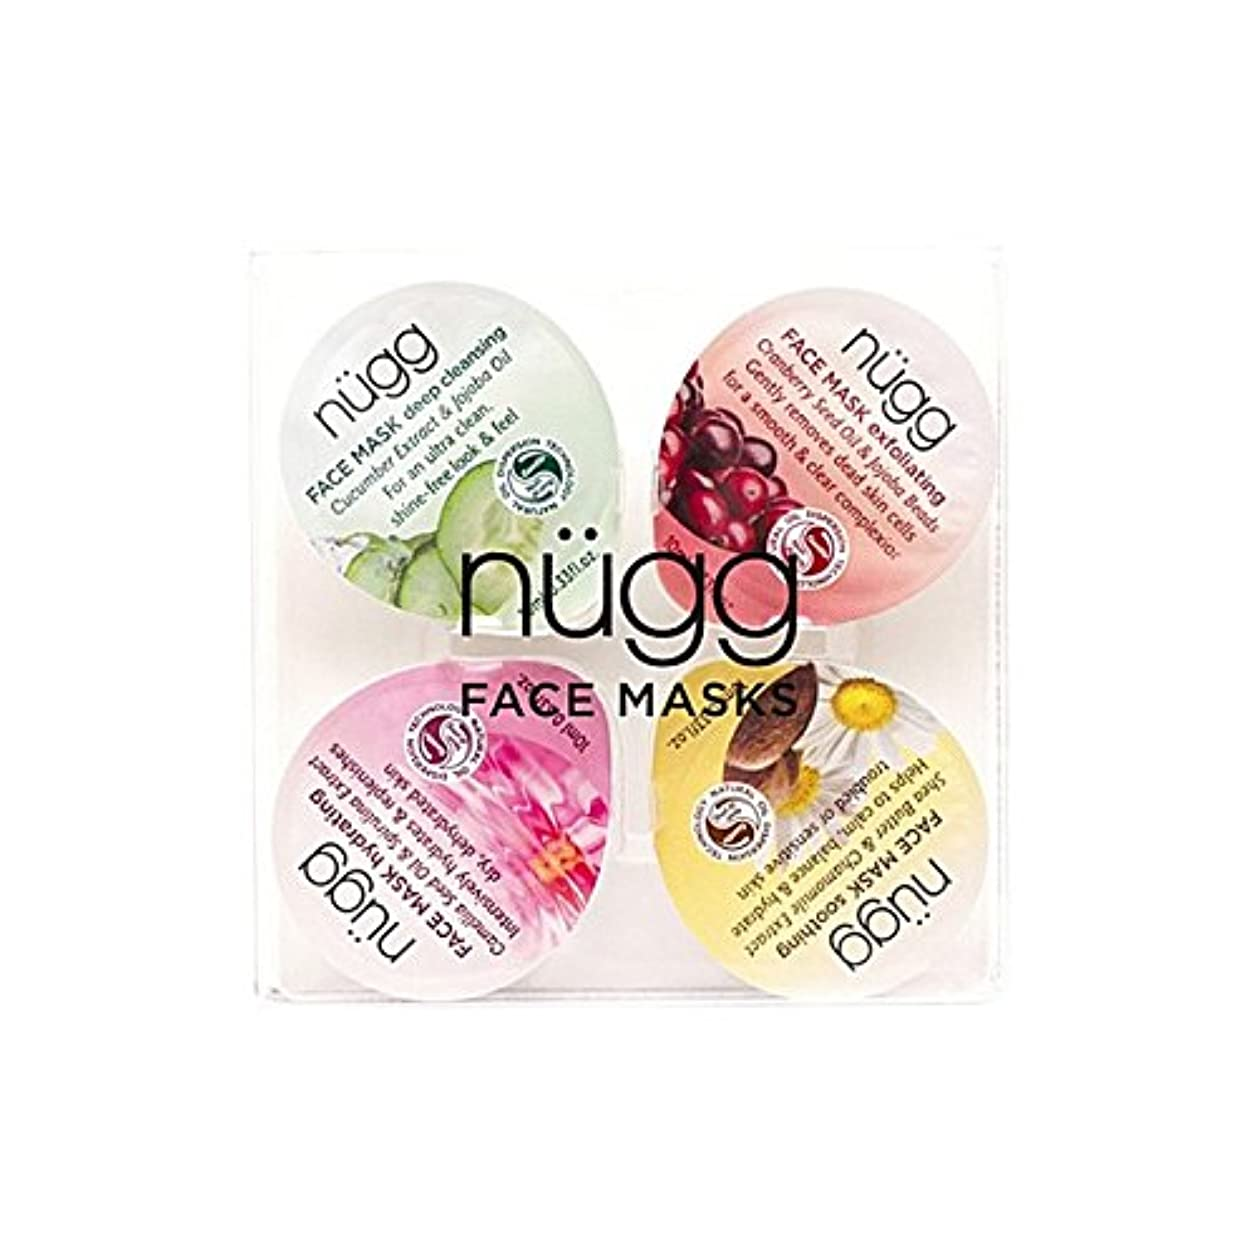 助言するタヒチ将来のフェイスマスクセット x2 - Nugg Face Mask Set (Pack of 2) [並行輸入品]